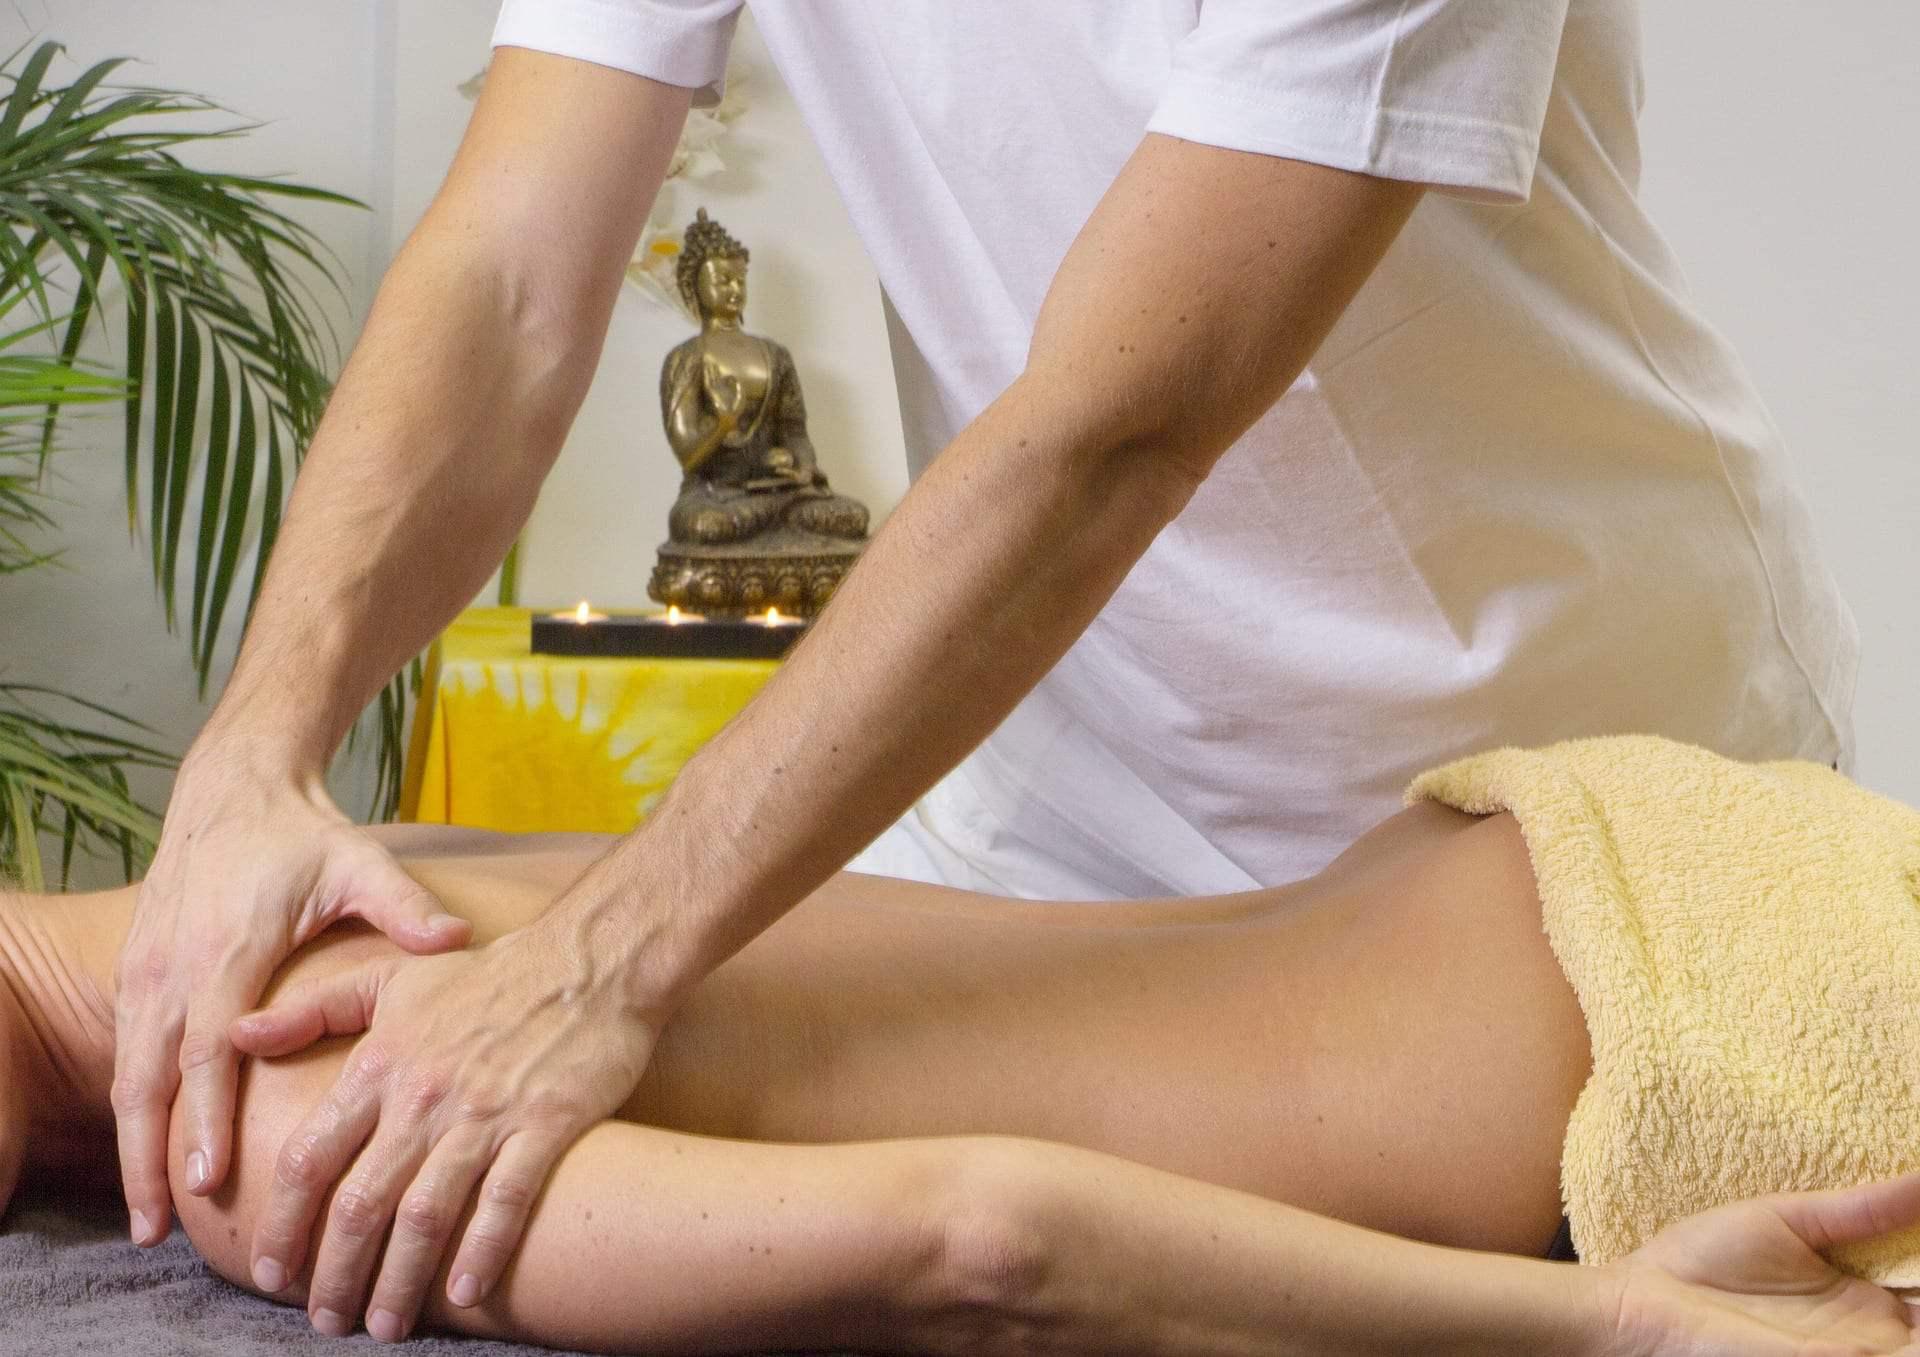 relaksacyjne masaże świecą